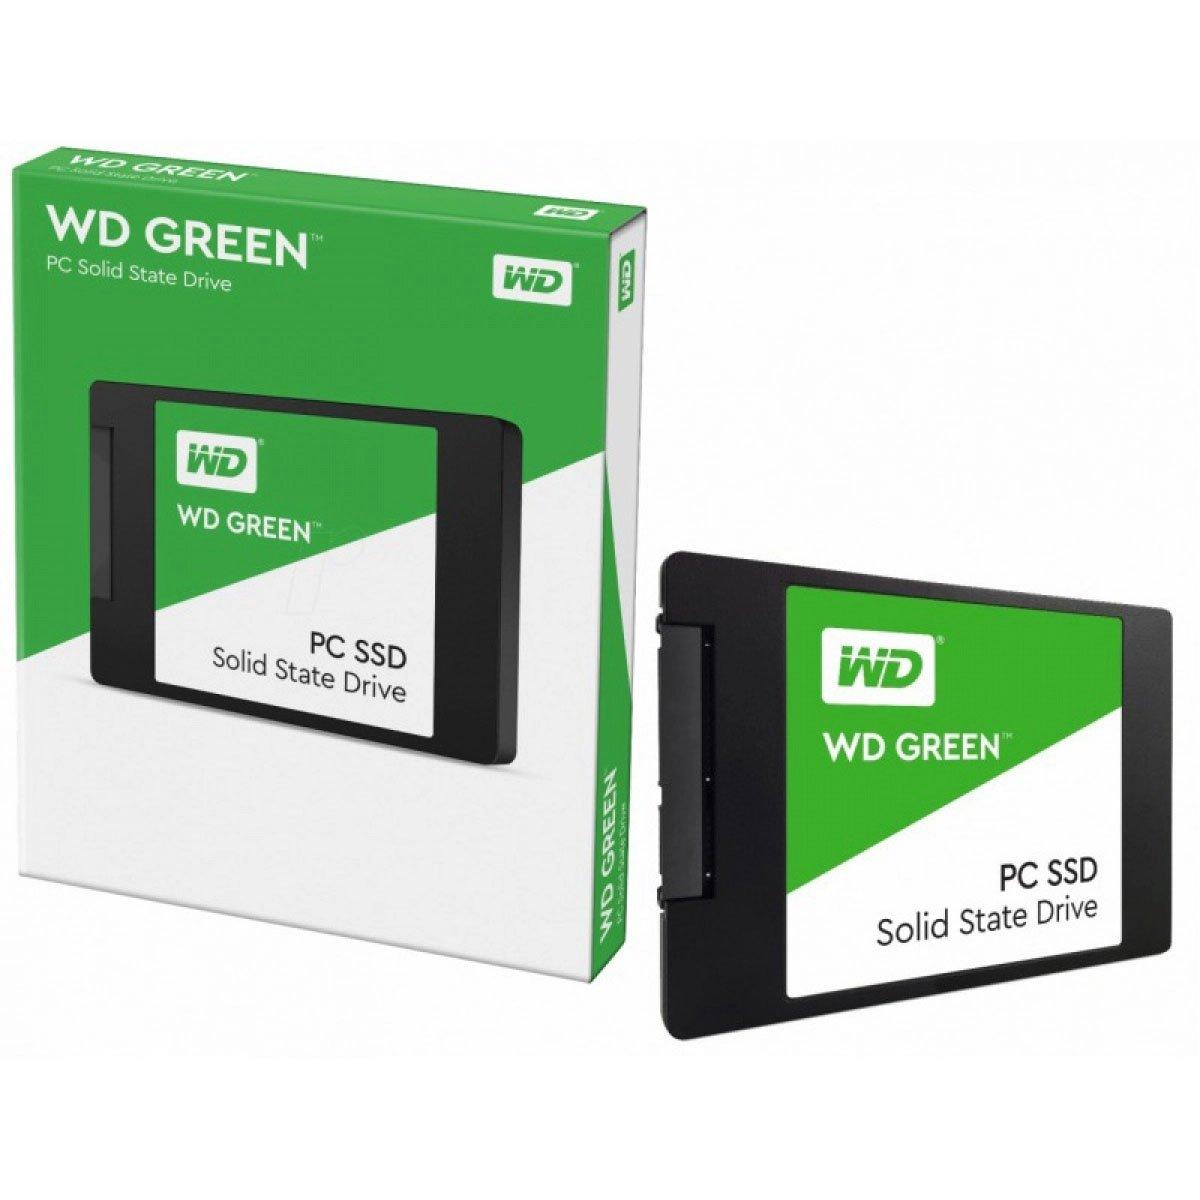 hd sata3 ssd 1tb 25 wd green 50728 2000 202318 1